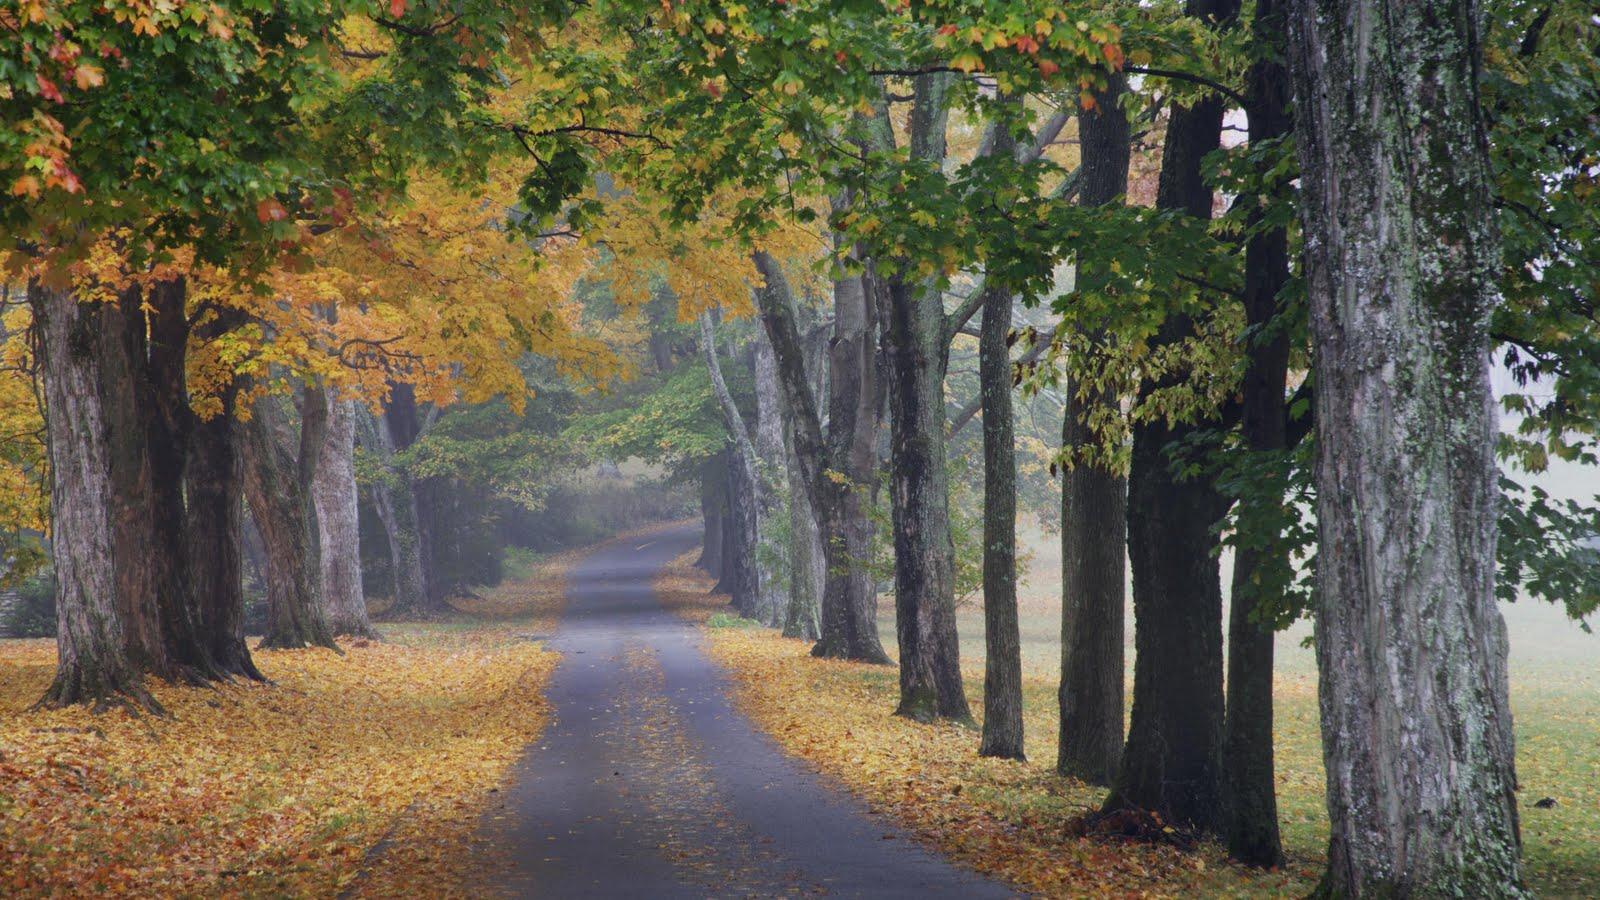 http://4.bp.blogspot.com/-7hwbe1Ar4Cc/TofN78mT7rI/AAAAAAAABZY/o23JOLsoXjI/s1600/Journey-into-Fall-Louisville-Kentucky-727020.jpg